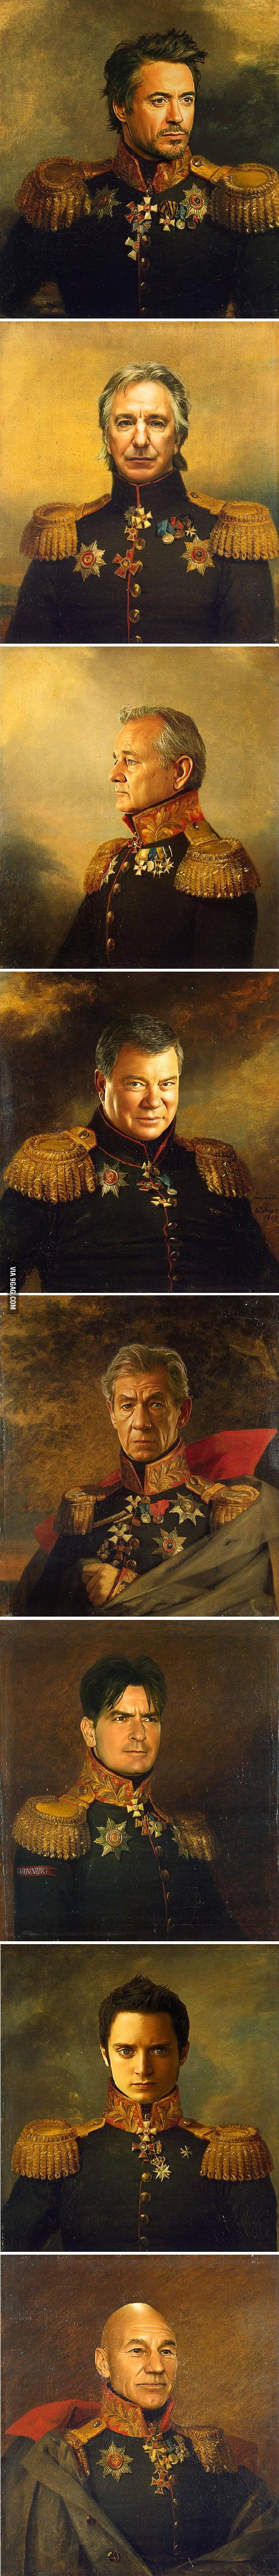 Hey... I love History!